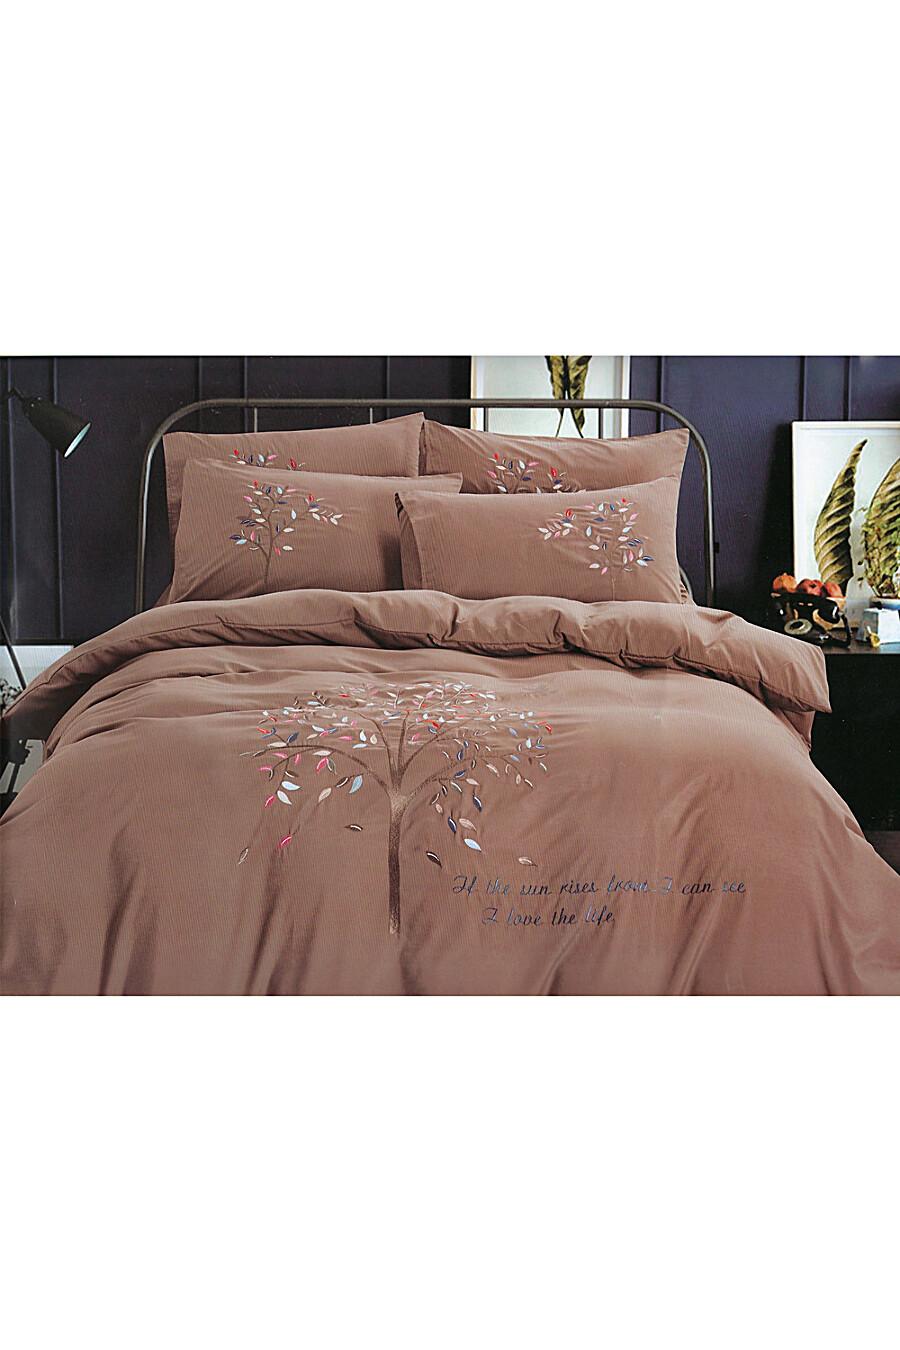 Комплект постельного белья NINA #72108